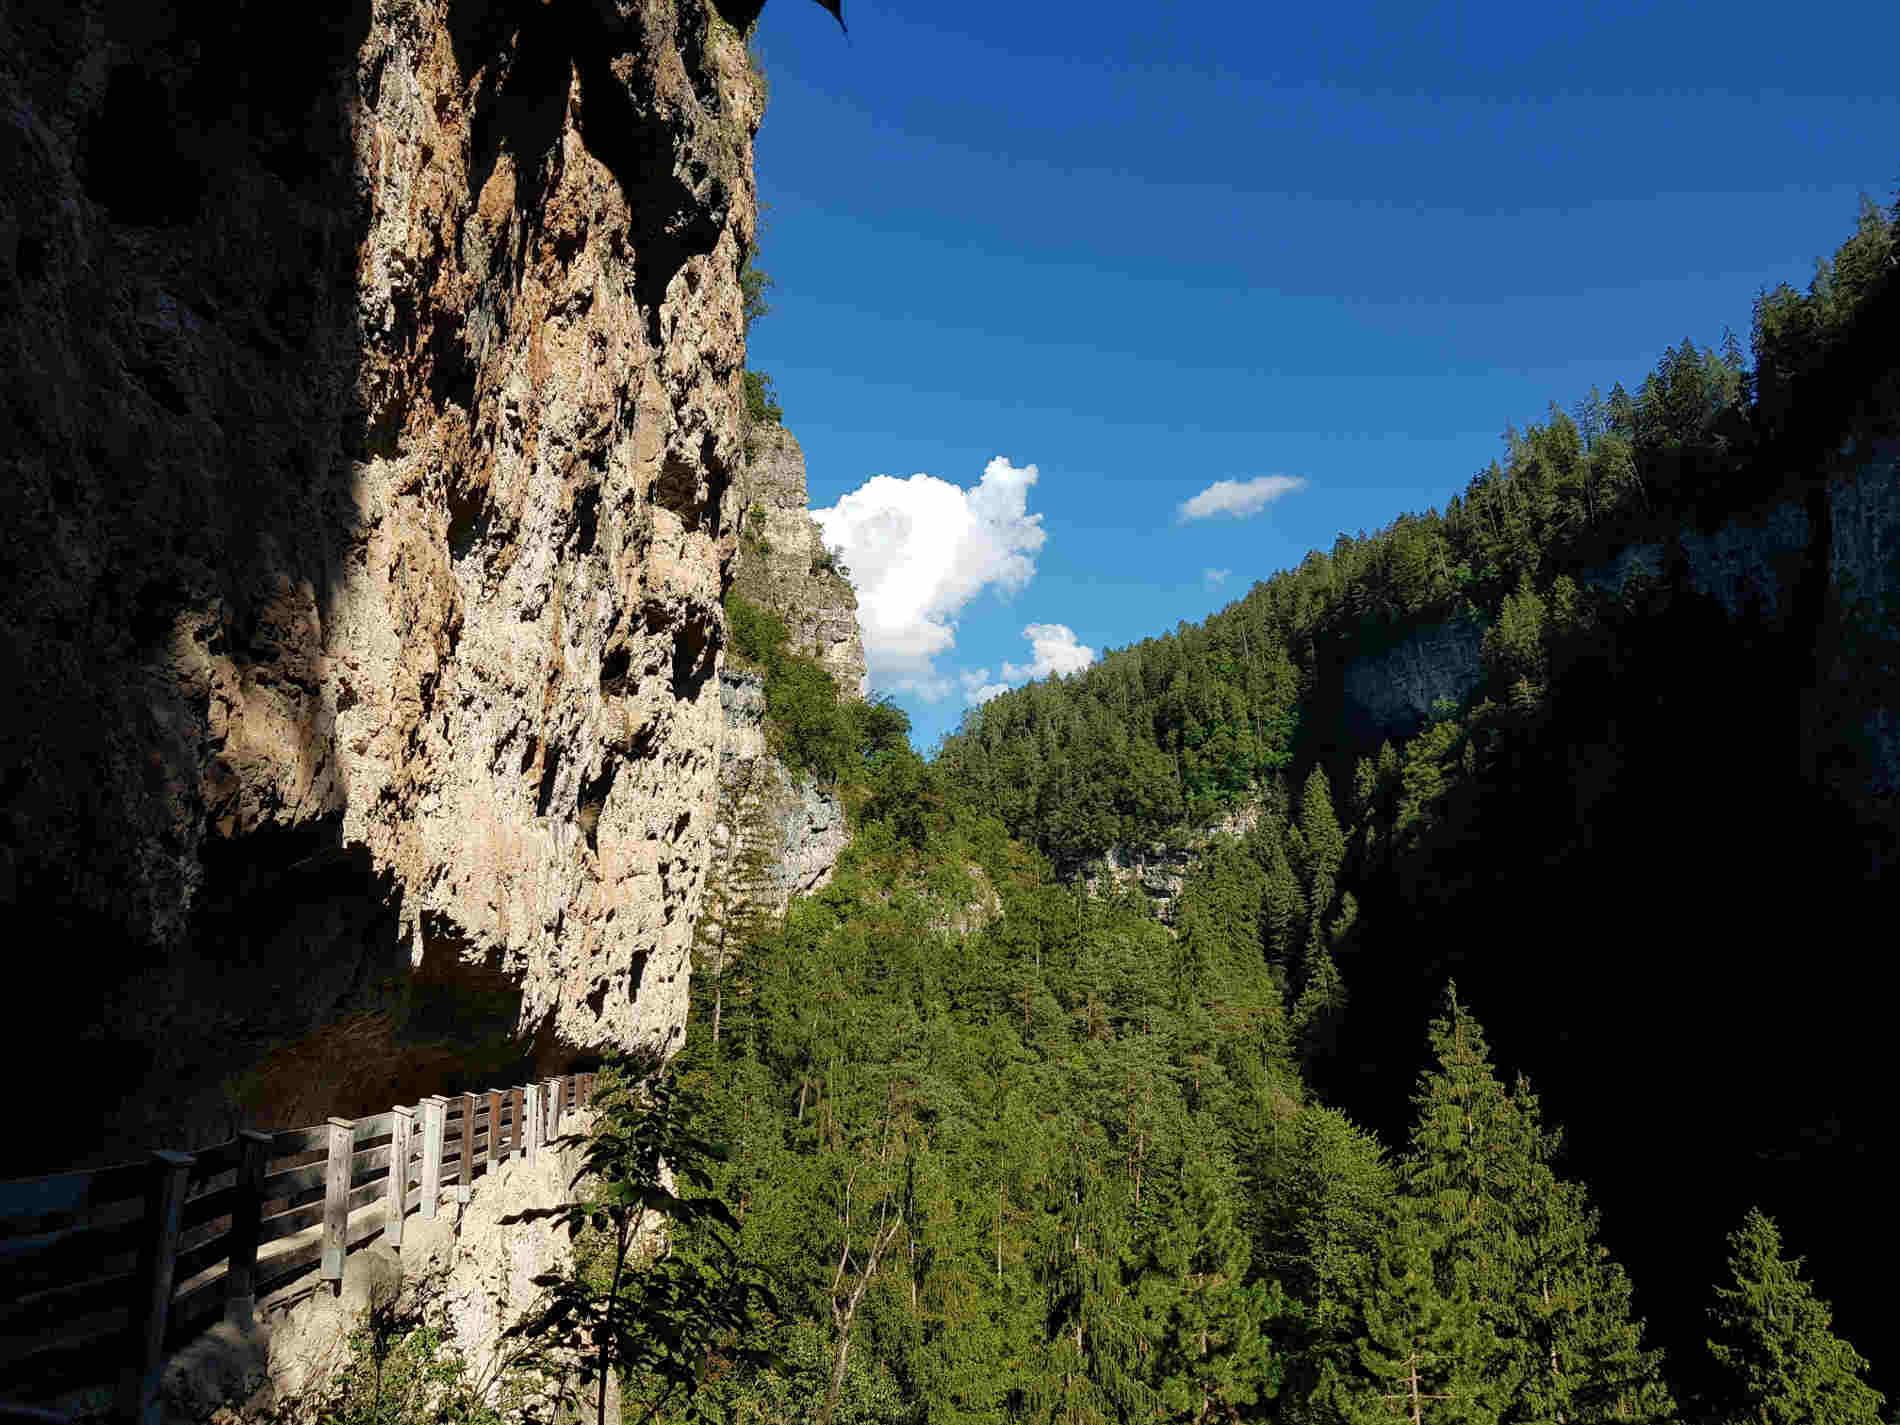 panrami nella forra del sentiero per il santuario di San Romedio Val Di Non Trentino